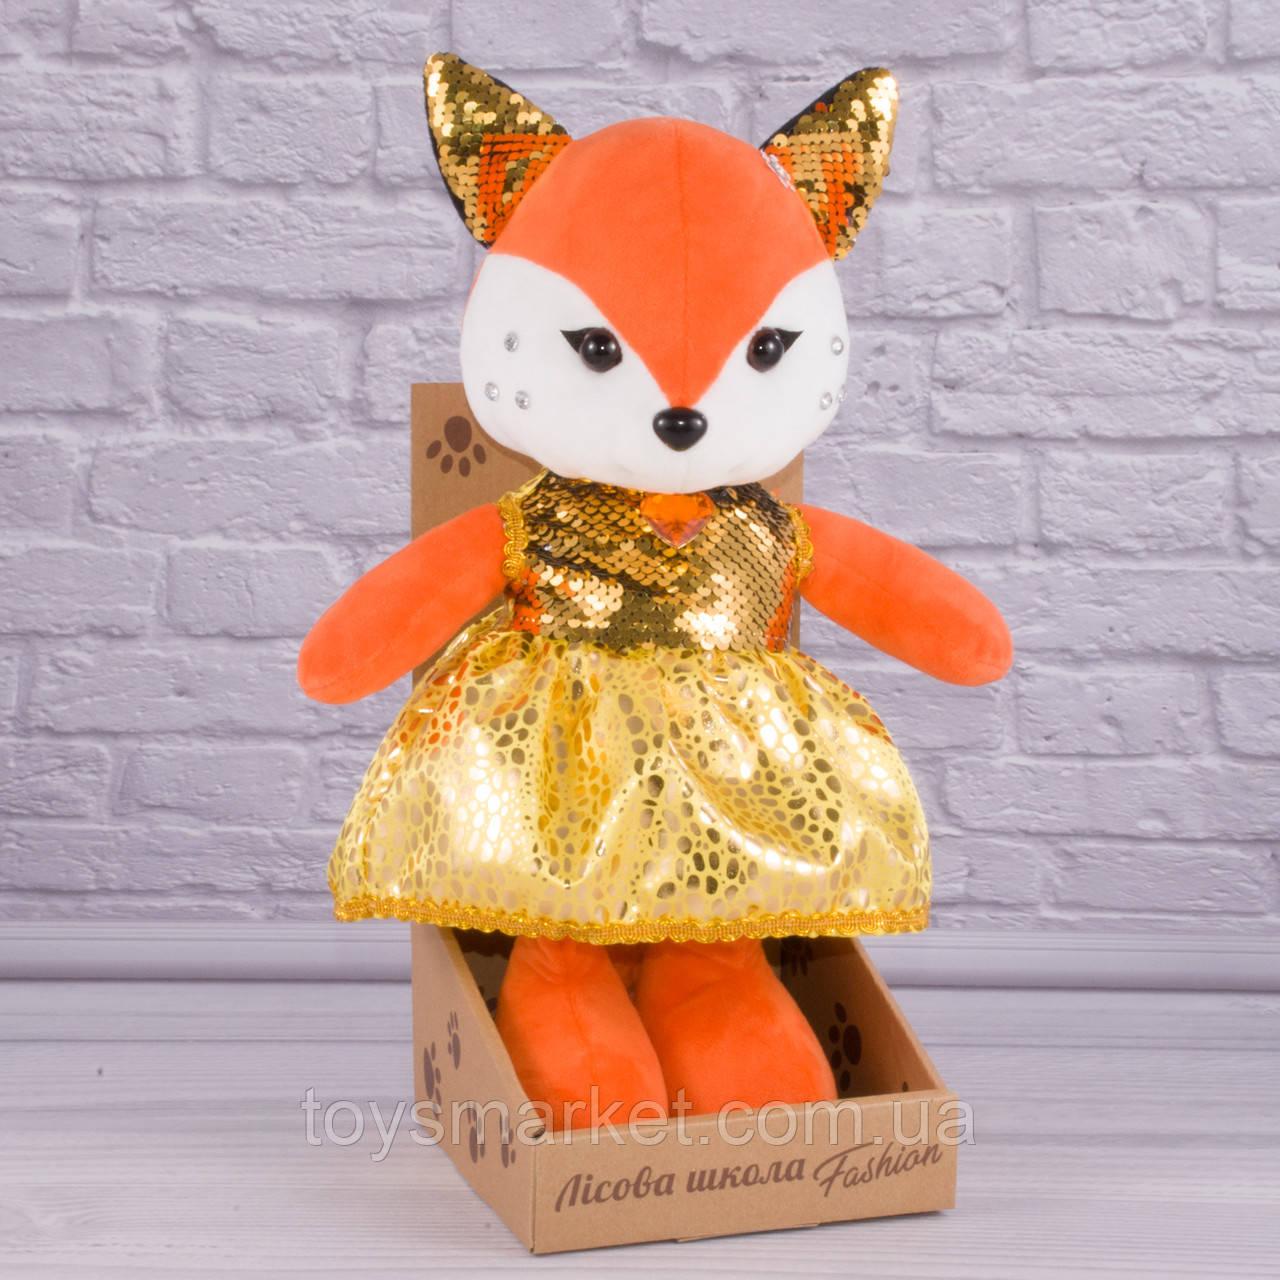 """Мягкая игрушка лисичка """"Мусичка"""", плюшевая лиса"""